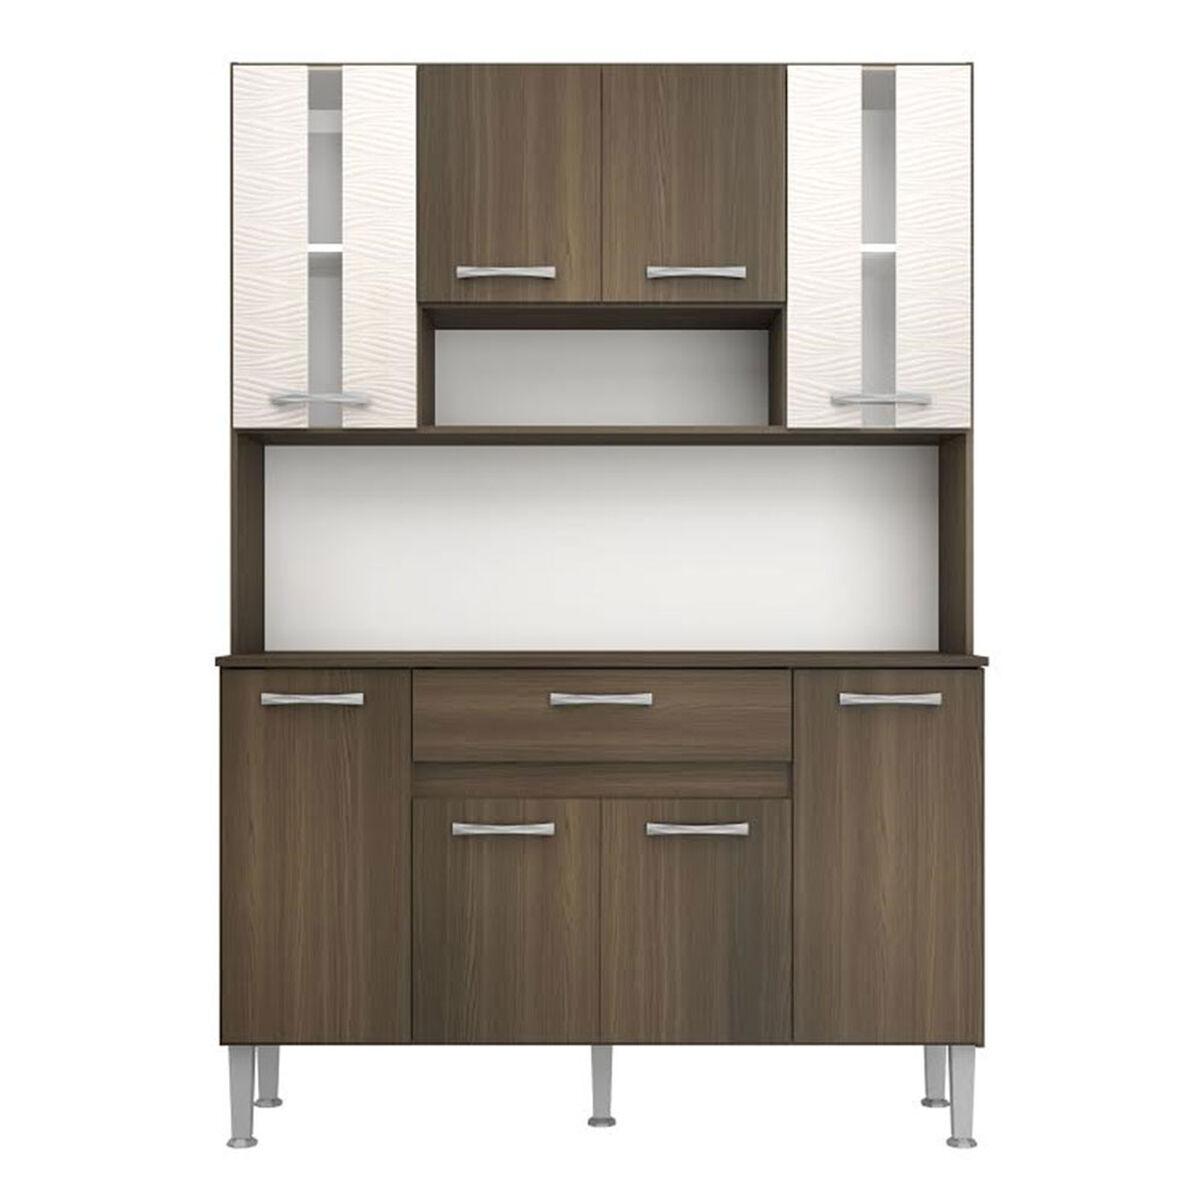 Mueble De Cocina Ani 8 Puertas 1 Cajón